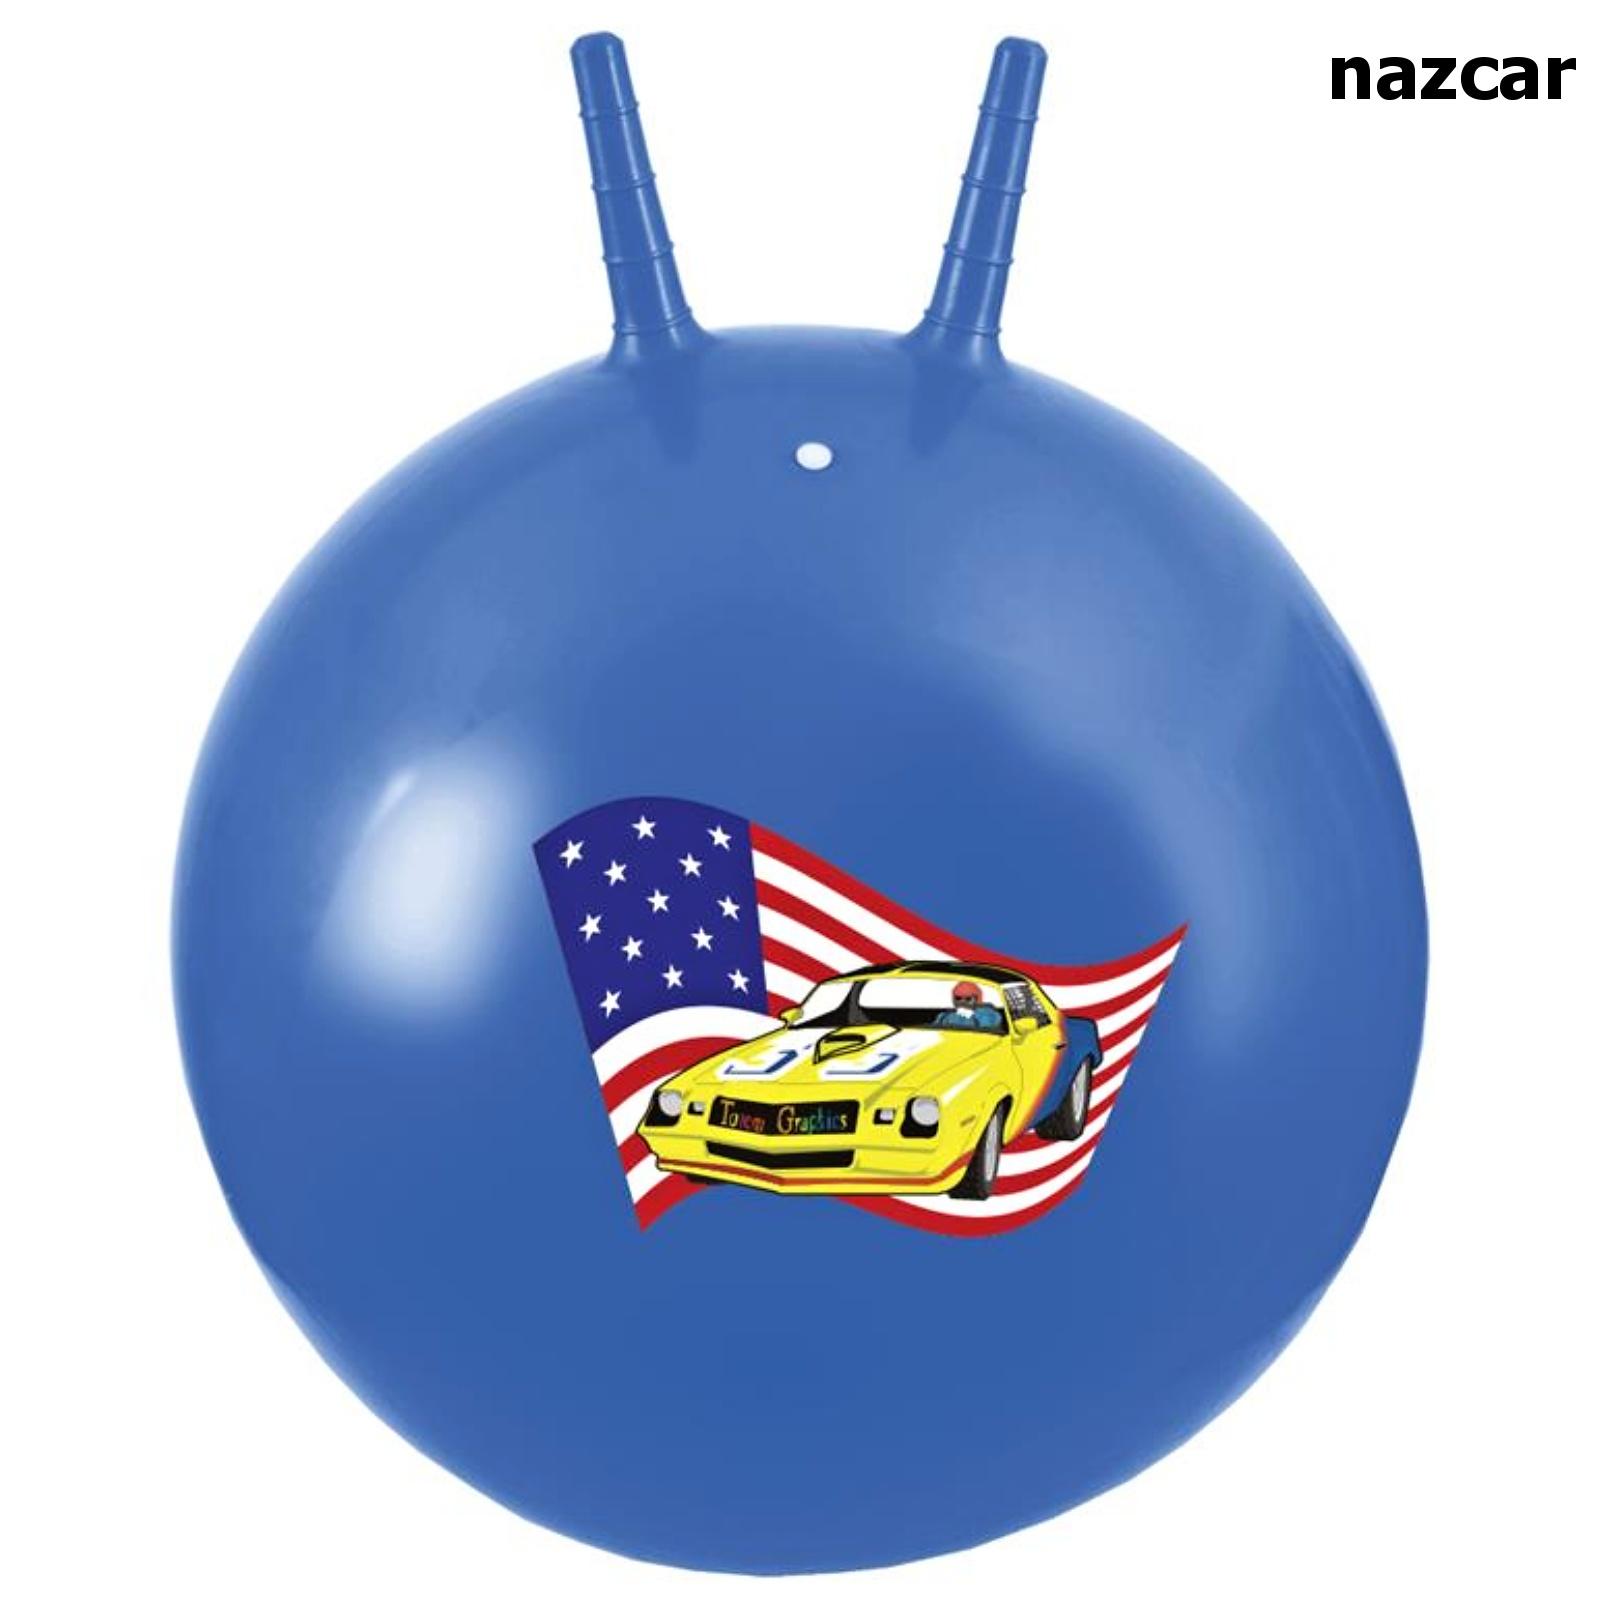 Skákací míč SPOKEY 45 cm Nazcar